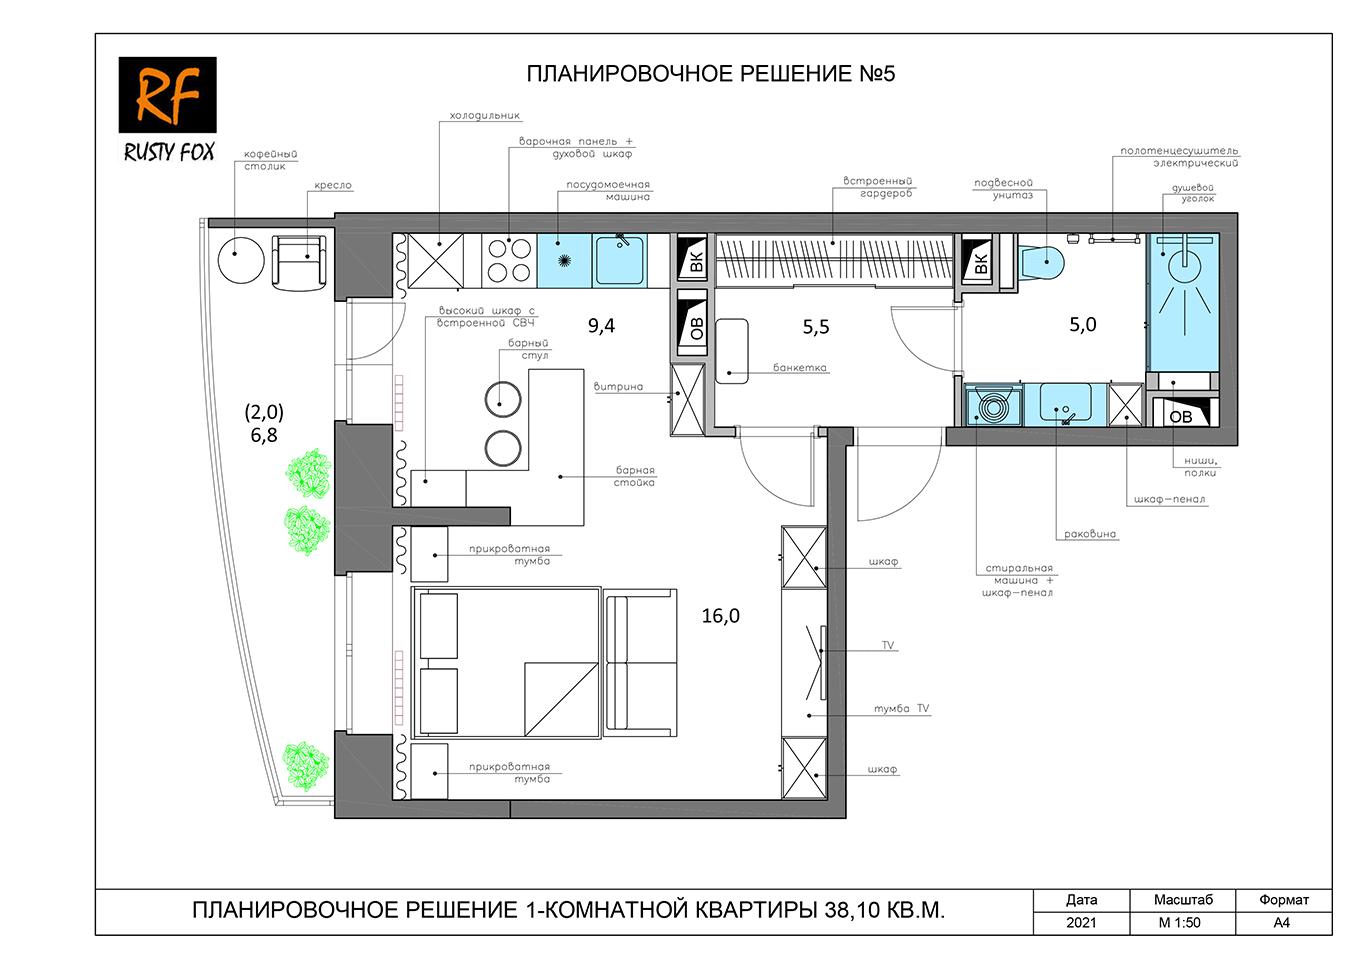 ЖК Люберцы корпус 54. Планировочное решение №5 1-комнатная квартира левая 38,10 кв.м.